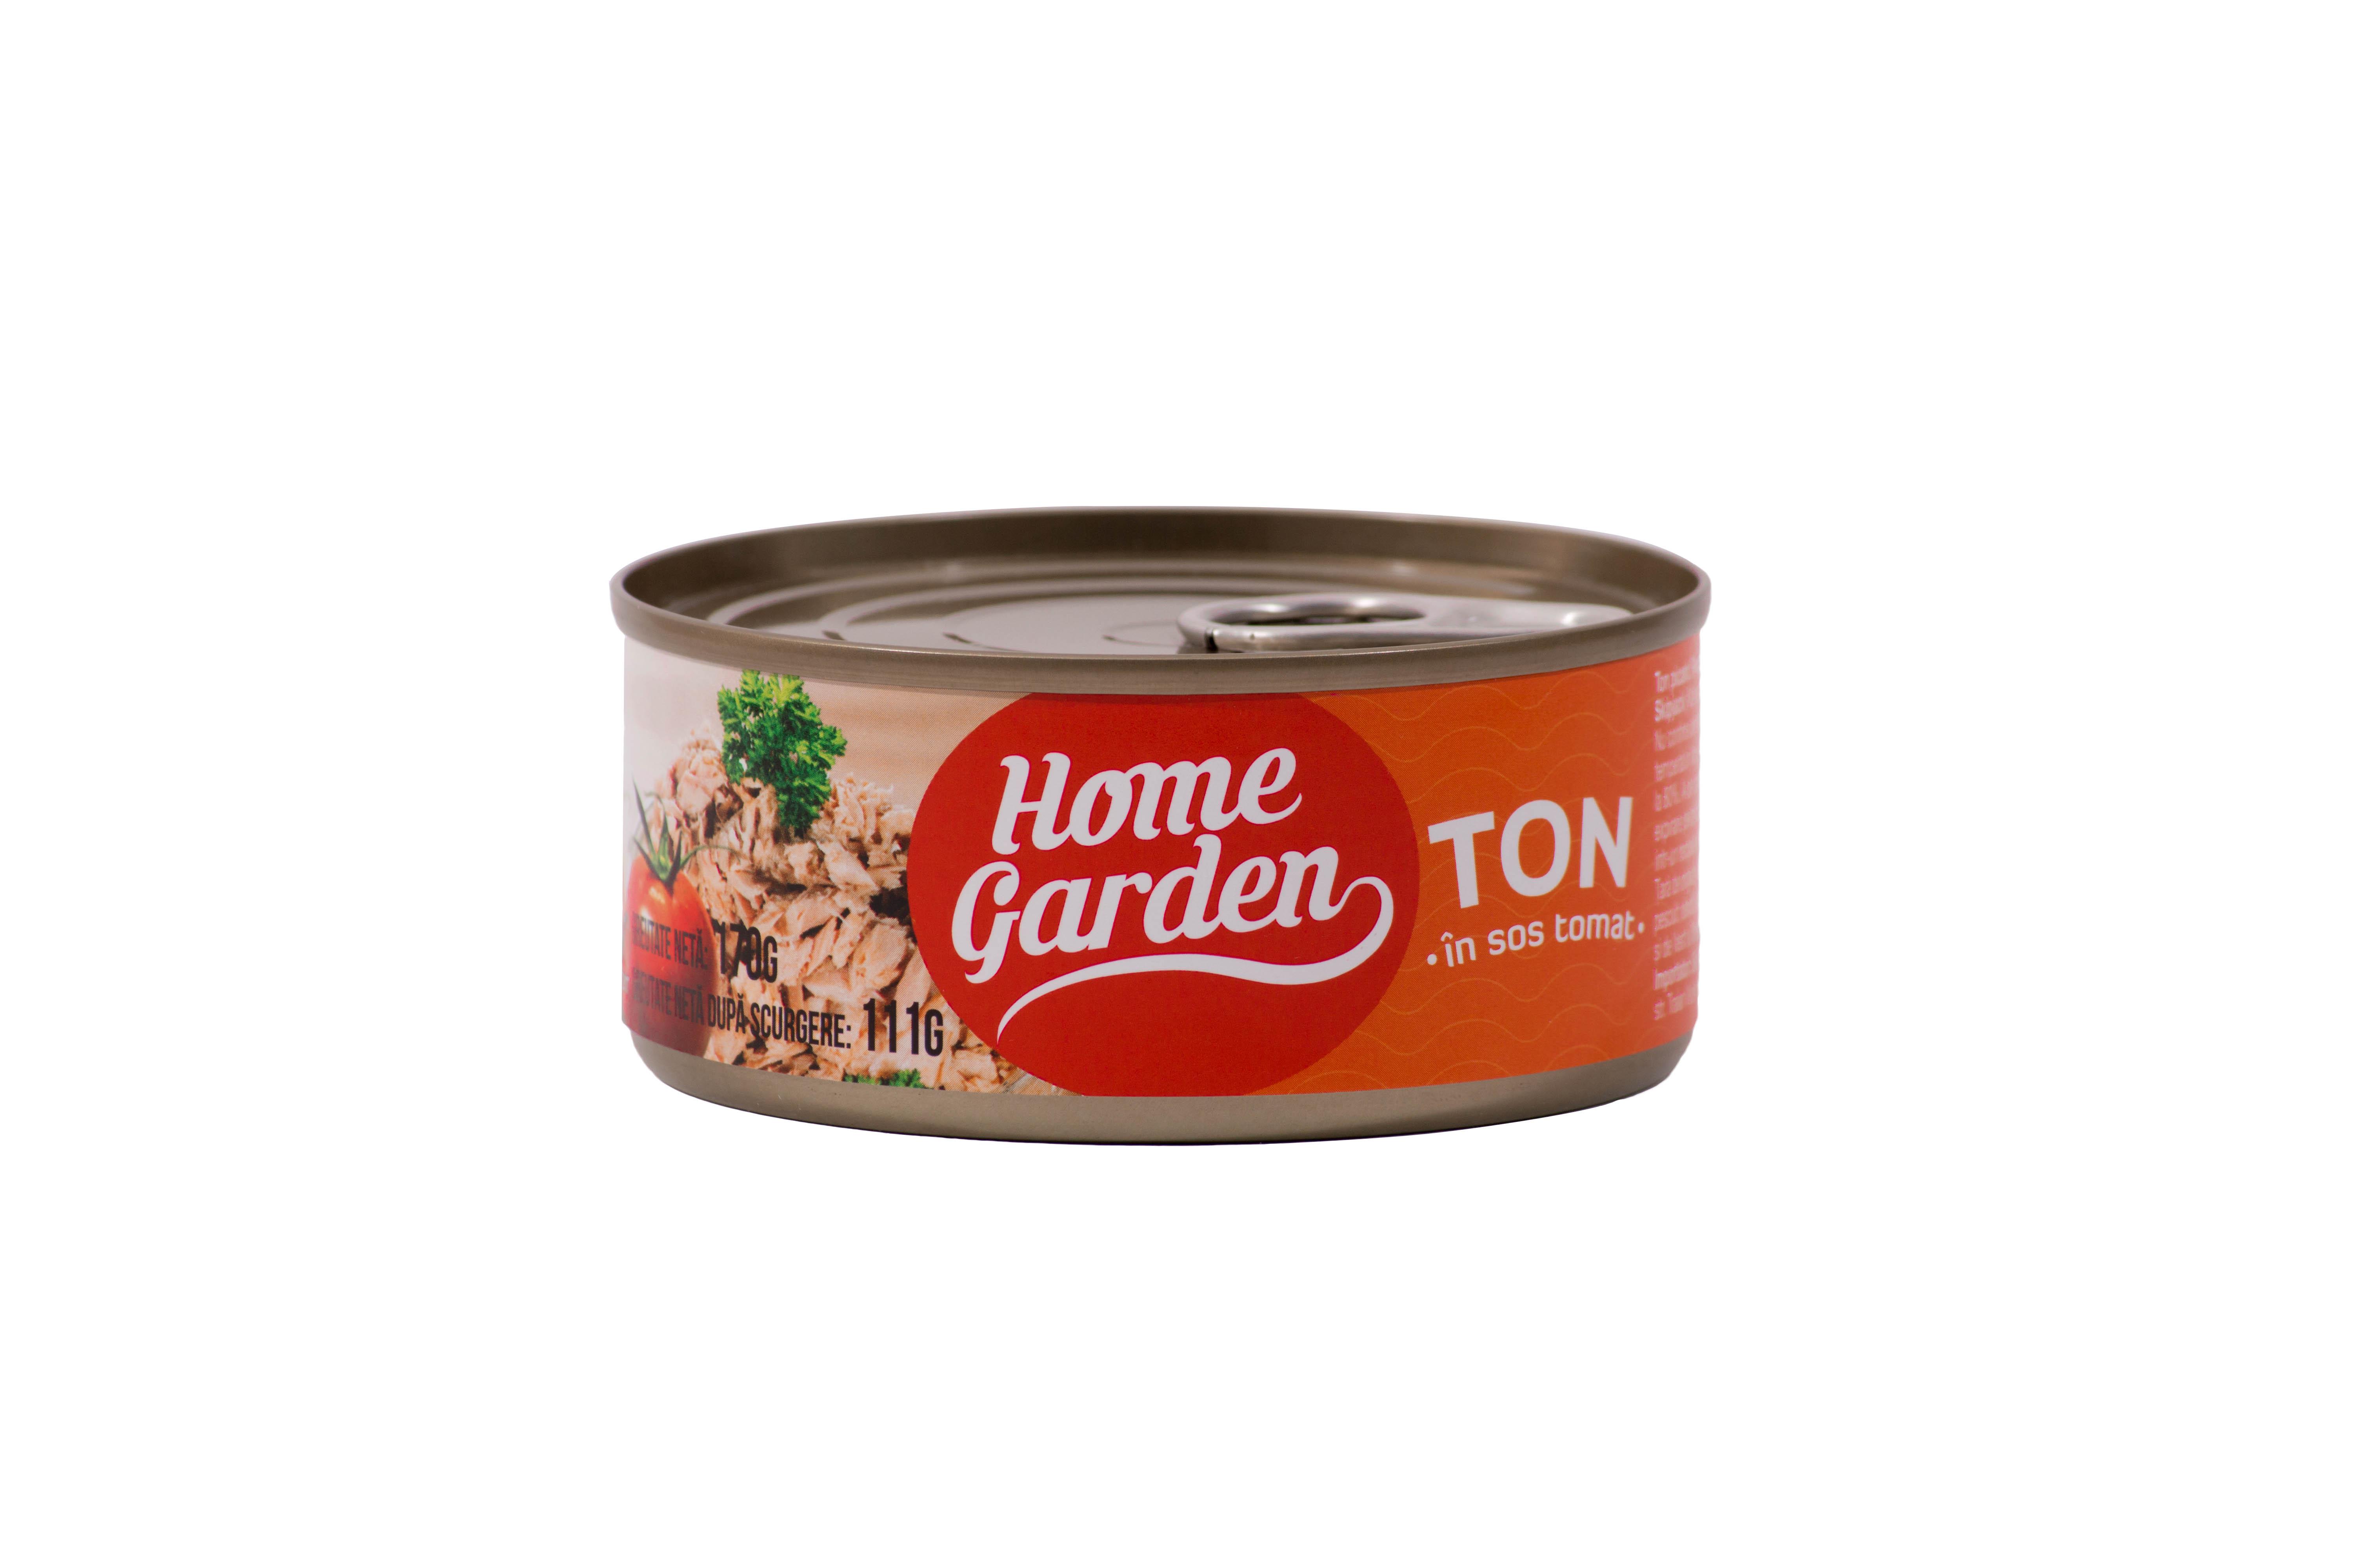 HOME GARDEN Ton în sos tomat 170g